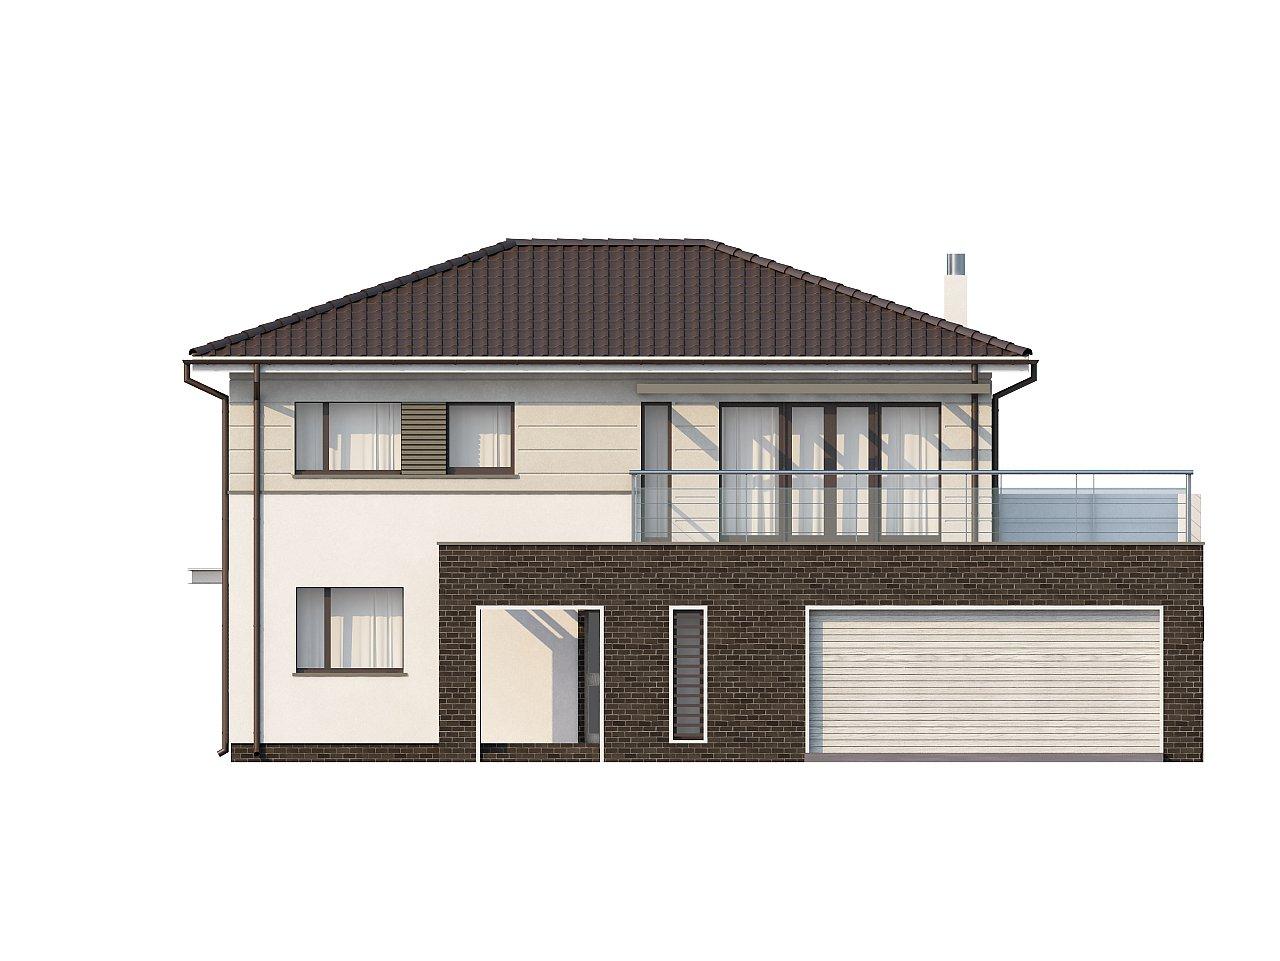 Практичный двухэтажный дом простой формы с низкой крышей, с гаражом для двух автомобилей. - фото 3